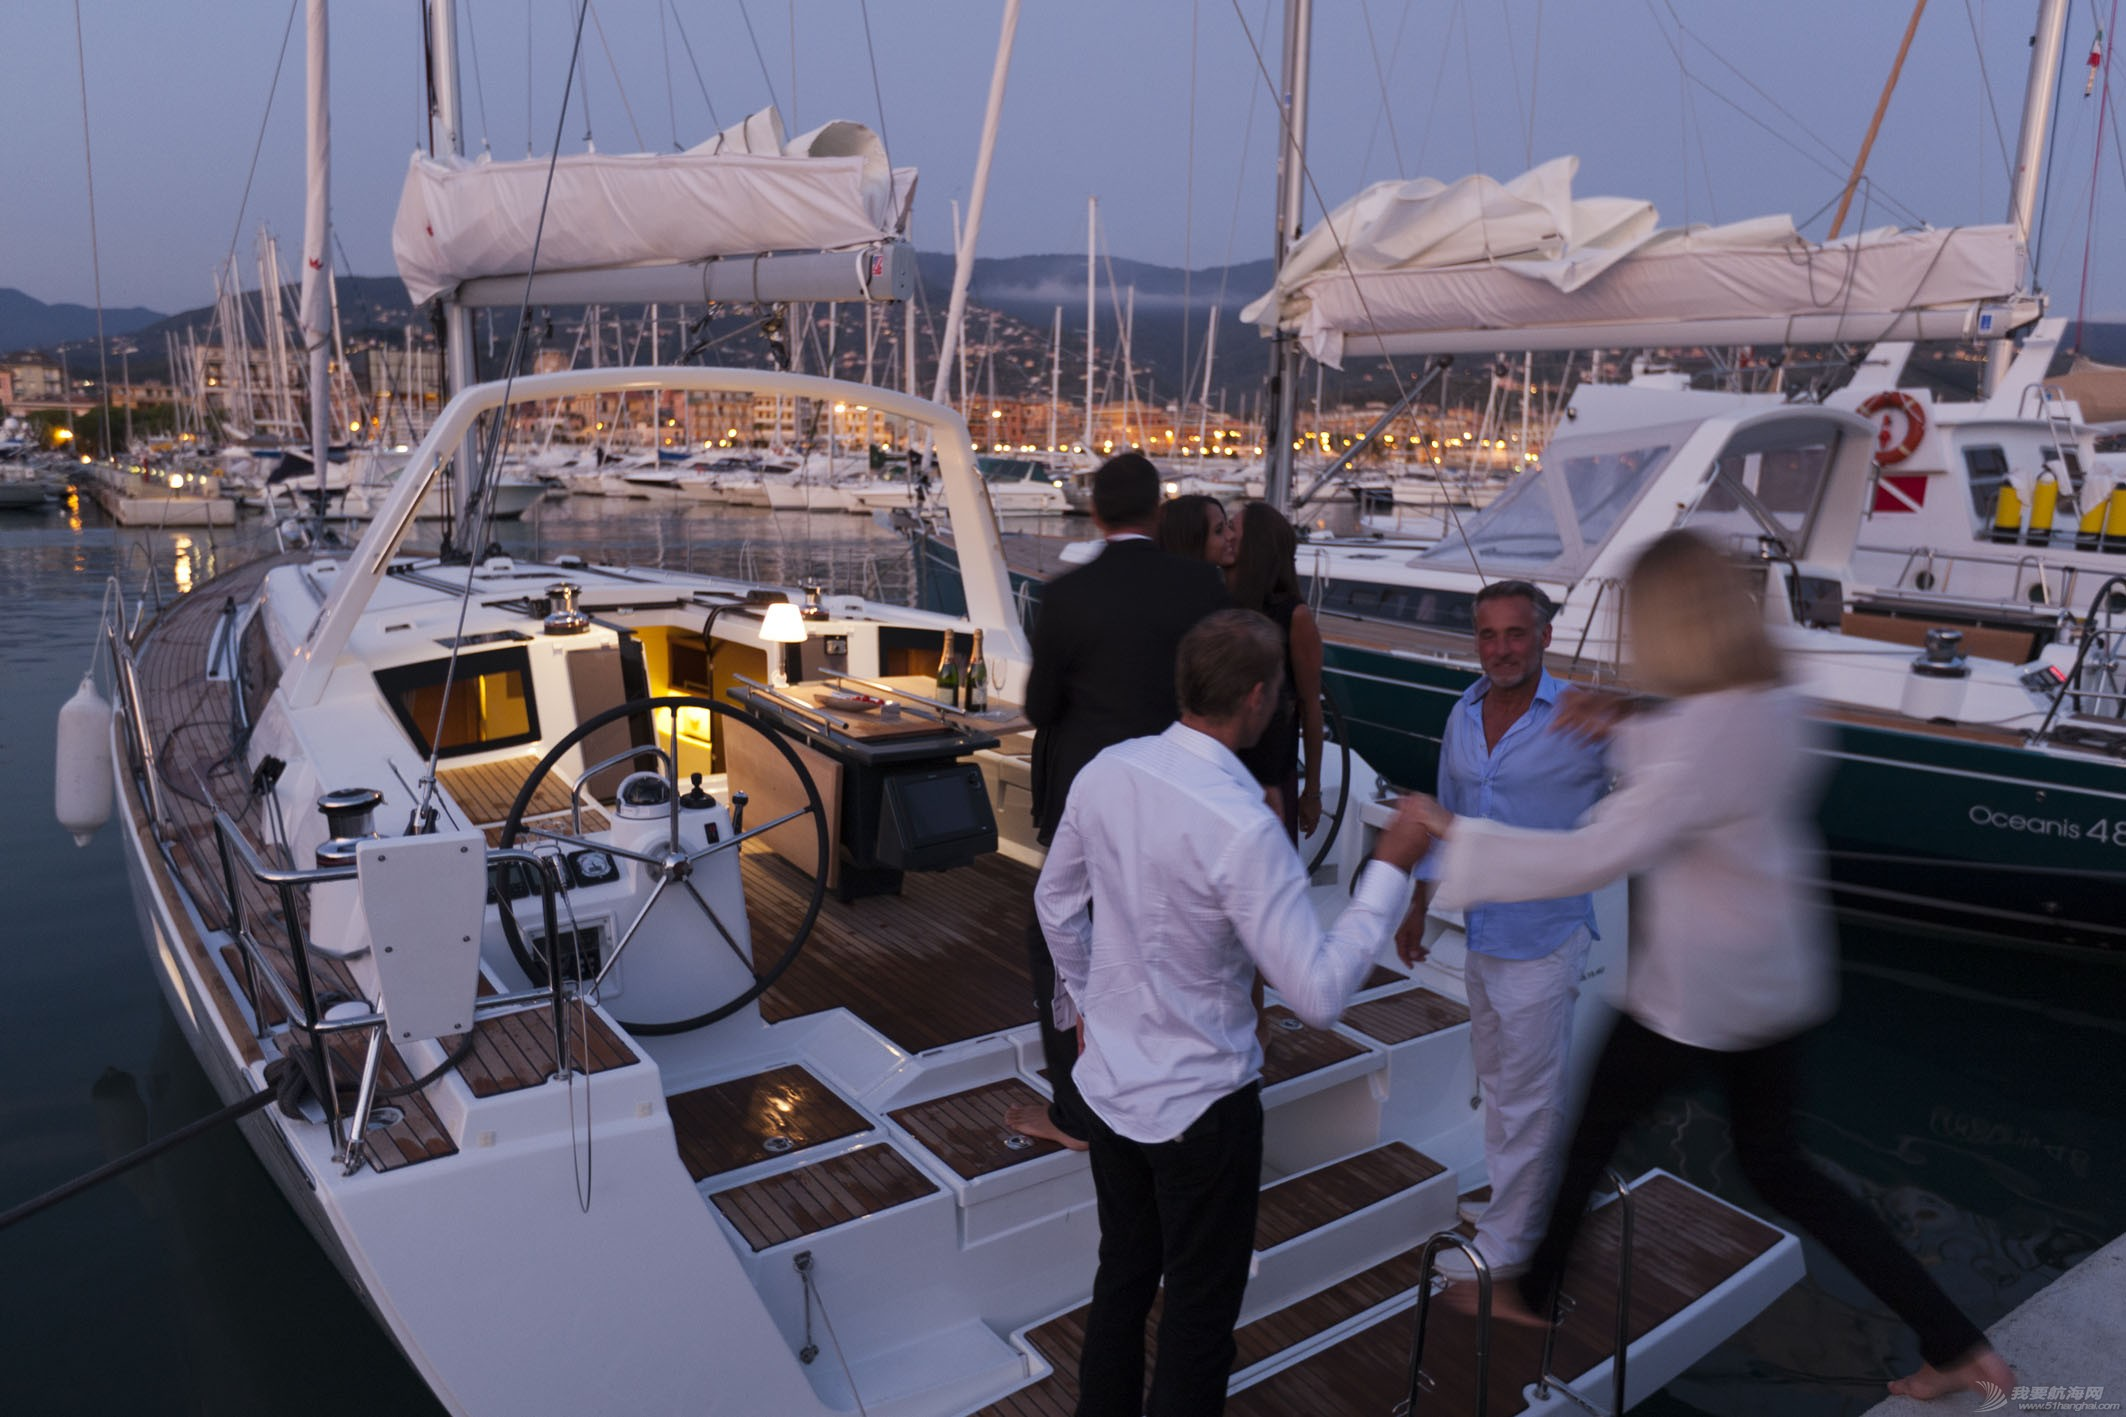 发动机,帆船,品种 Beneteau Oceanis 45博纳多遨享仕45英尺单体帆船 博纳多遨享仕45英尺单体帆船